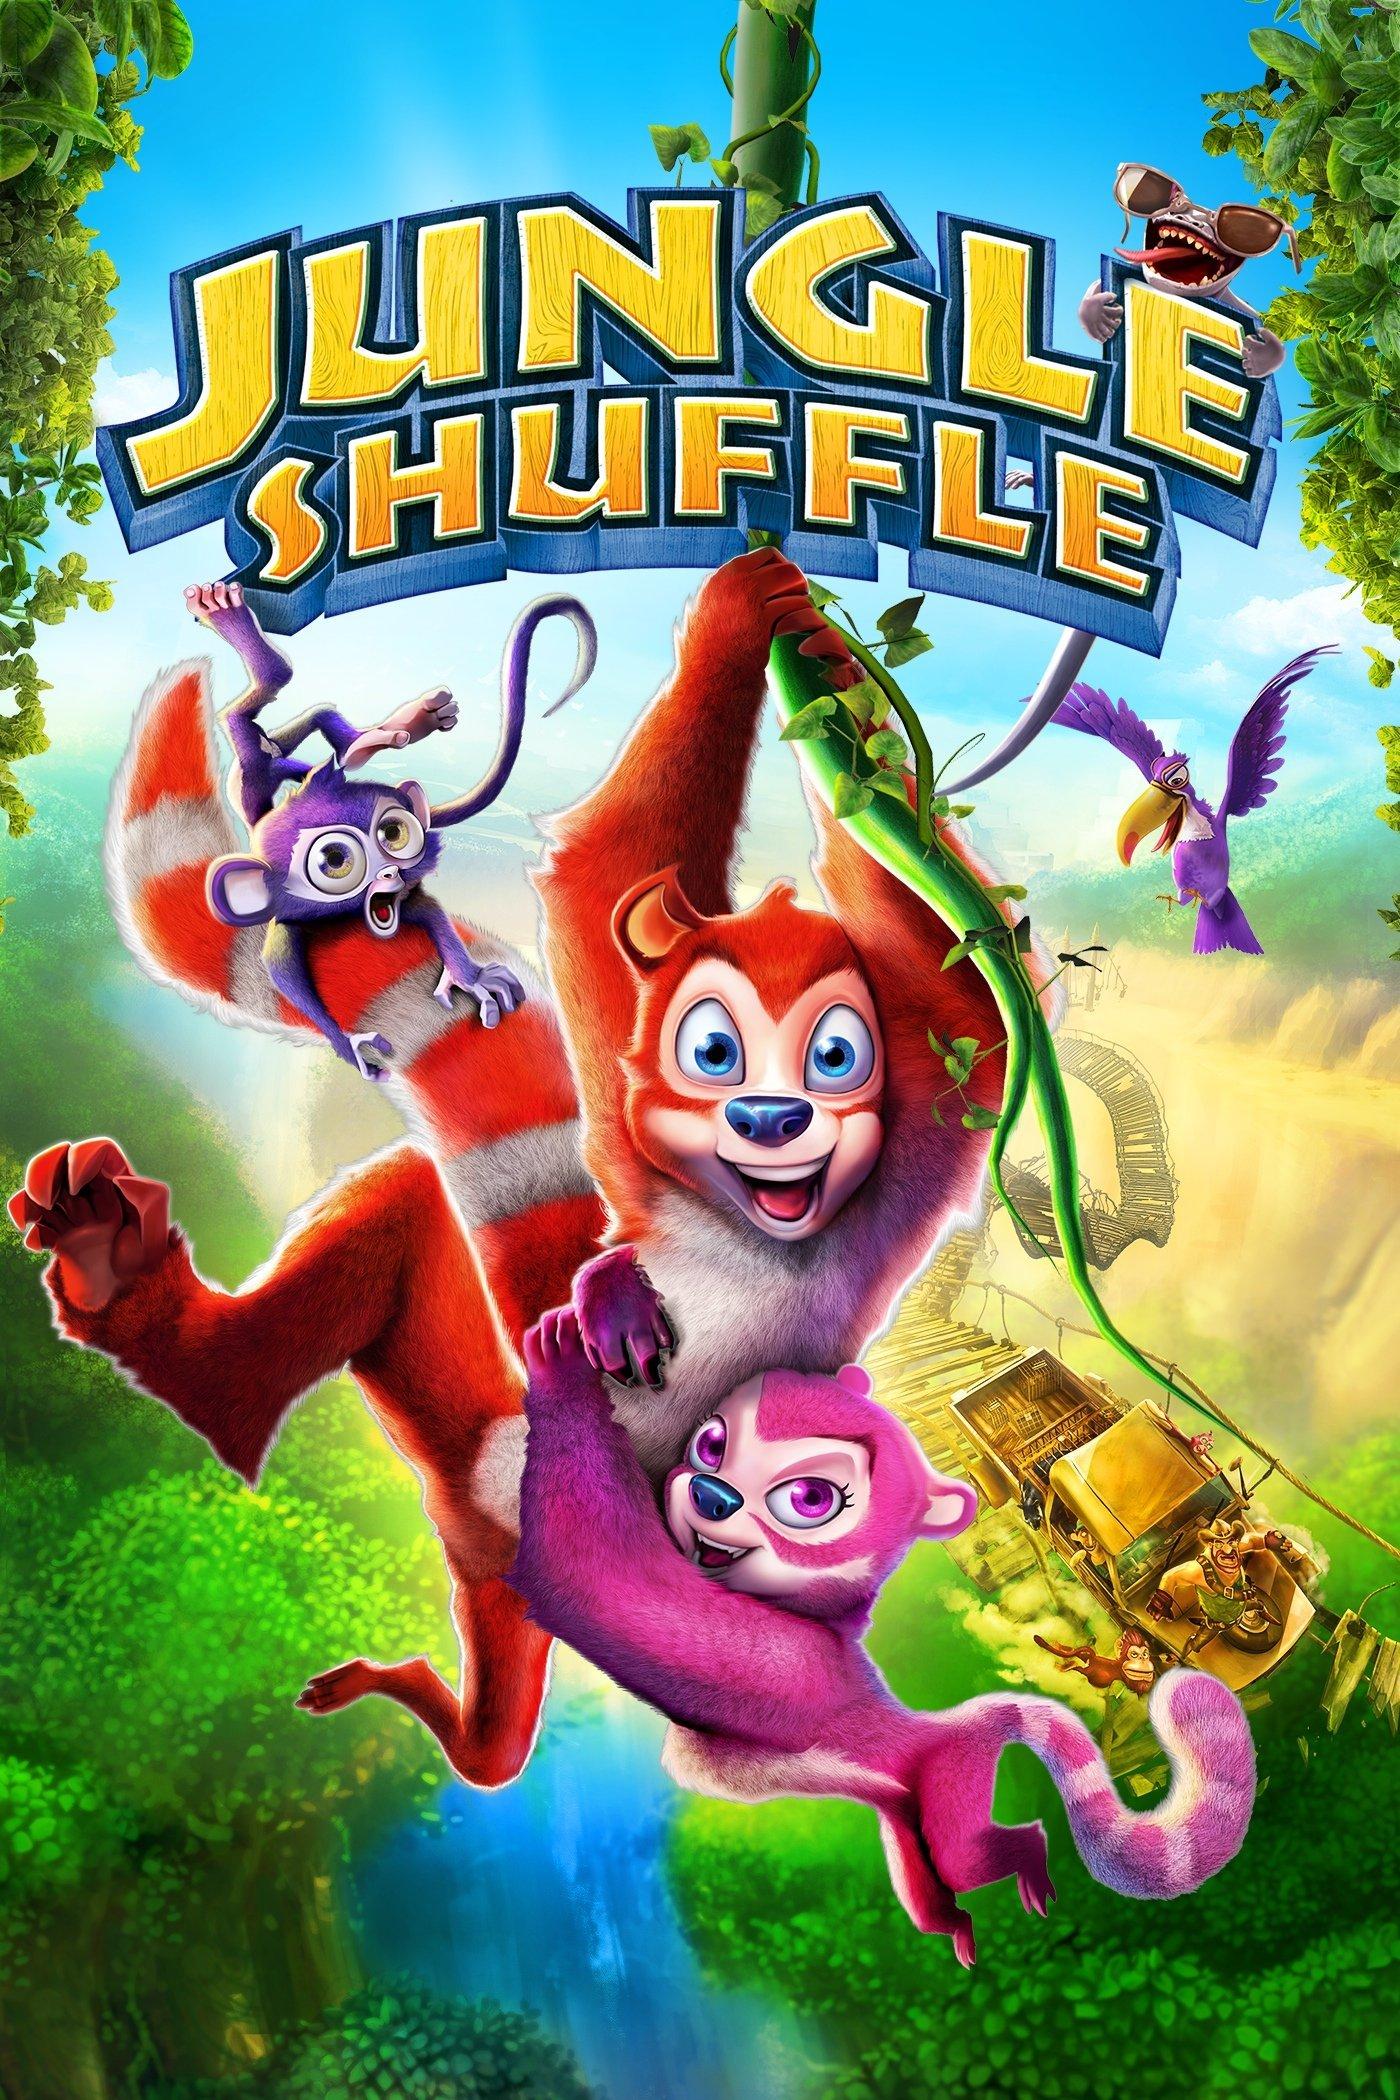 Amazon.com: Jungle Shuffle: Alicia Silverstone, Rob ...